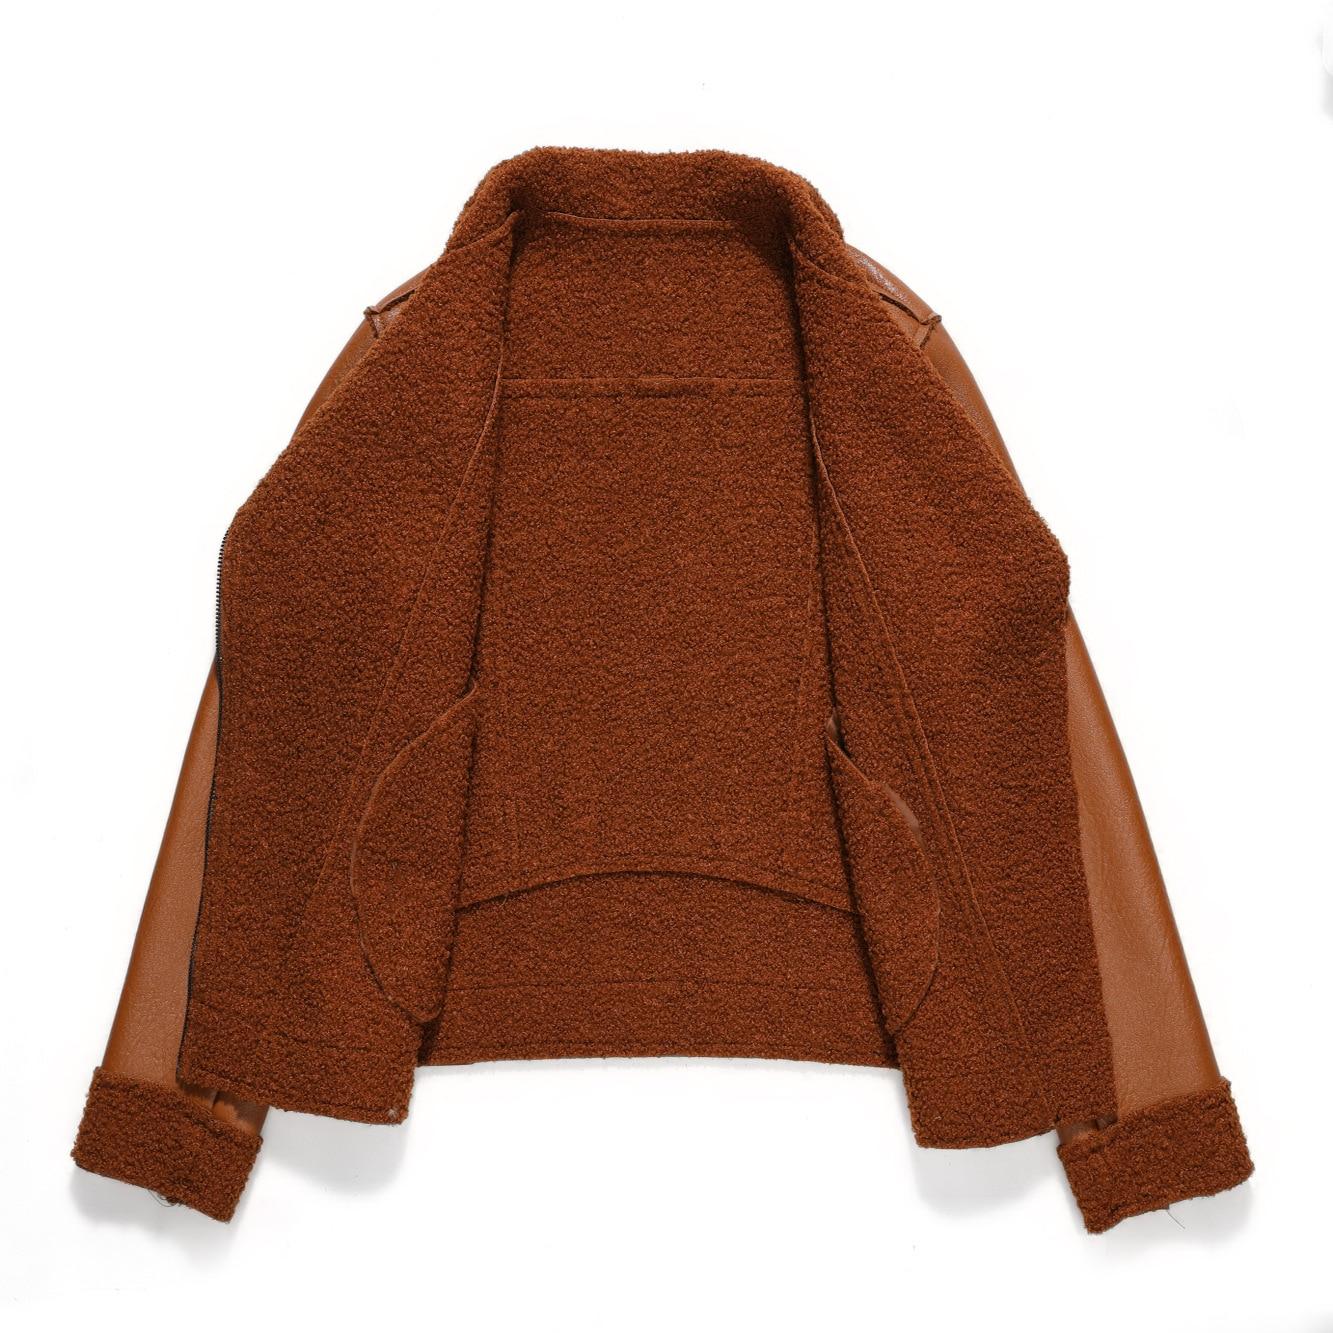 Apperloth Winter Women Faux Lamb Leather Jacket  Women Punk Lapel Thickened Padded Warm Zipper Fur Outwear fall 2020 women coats enlarge